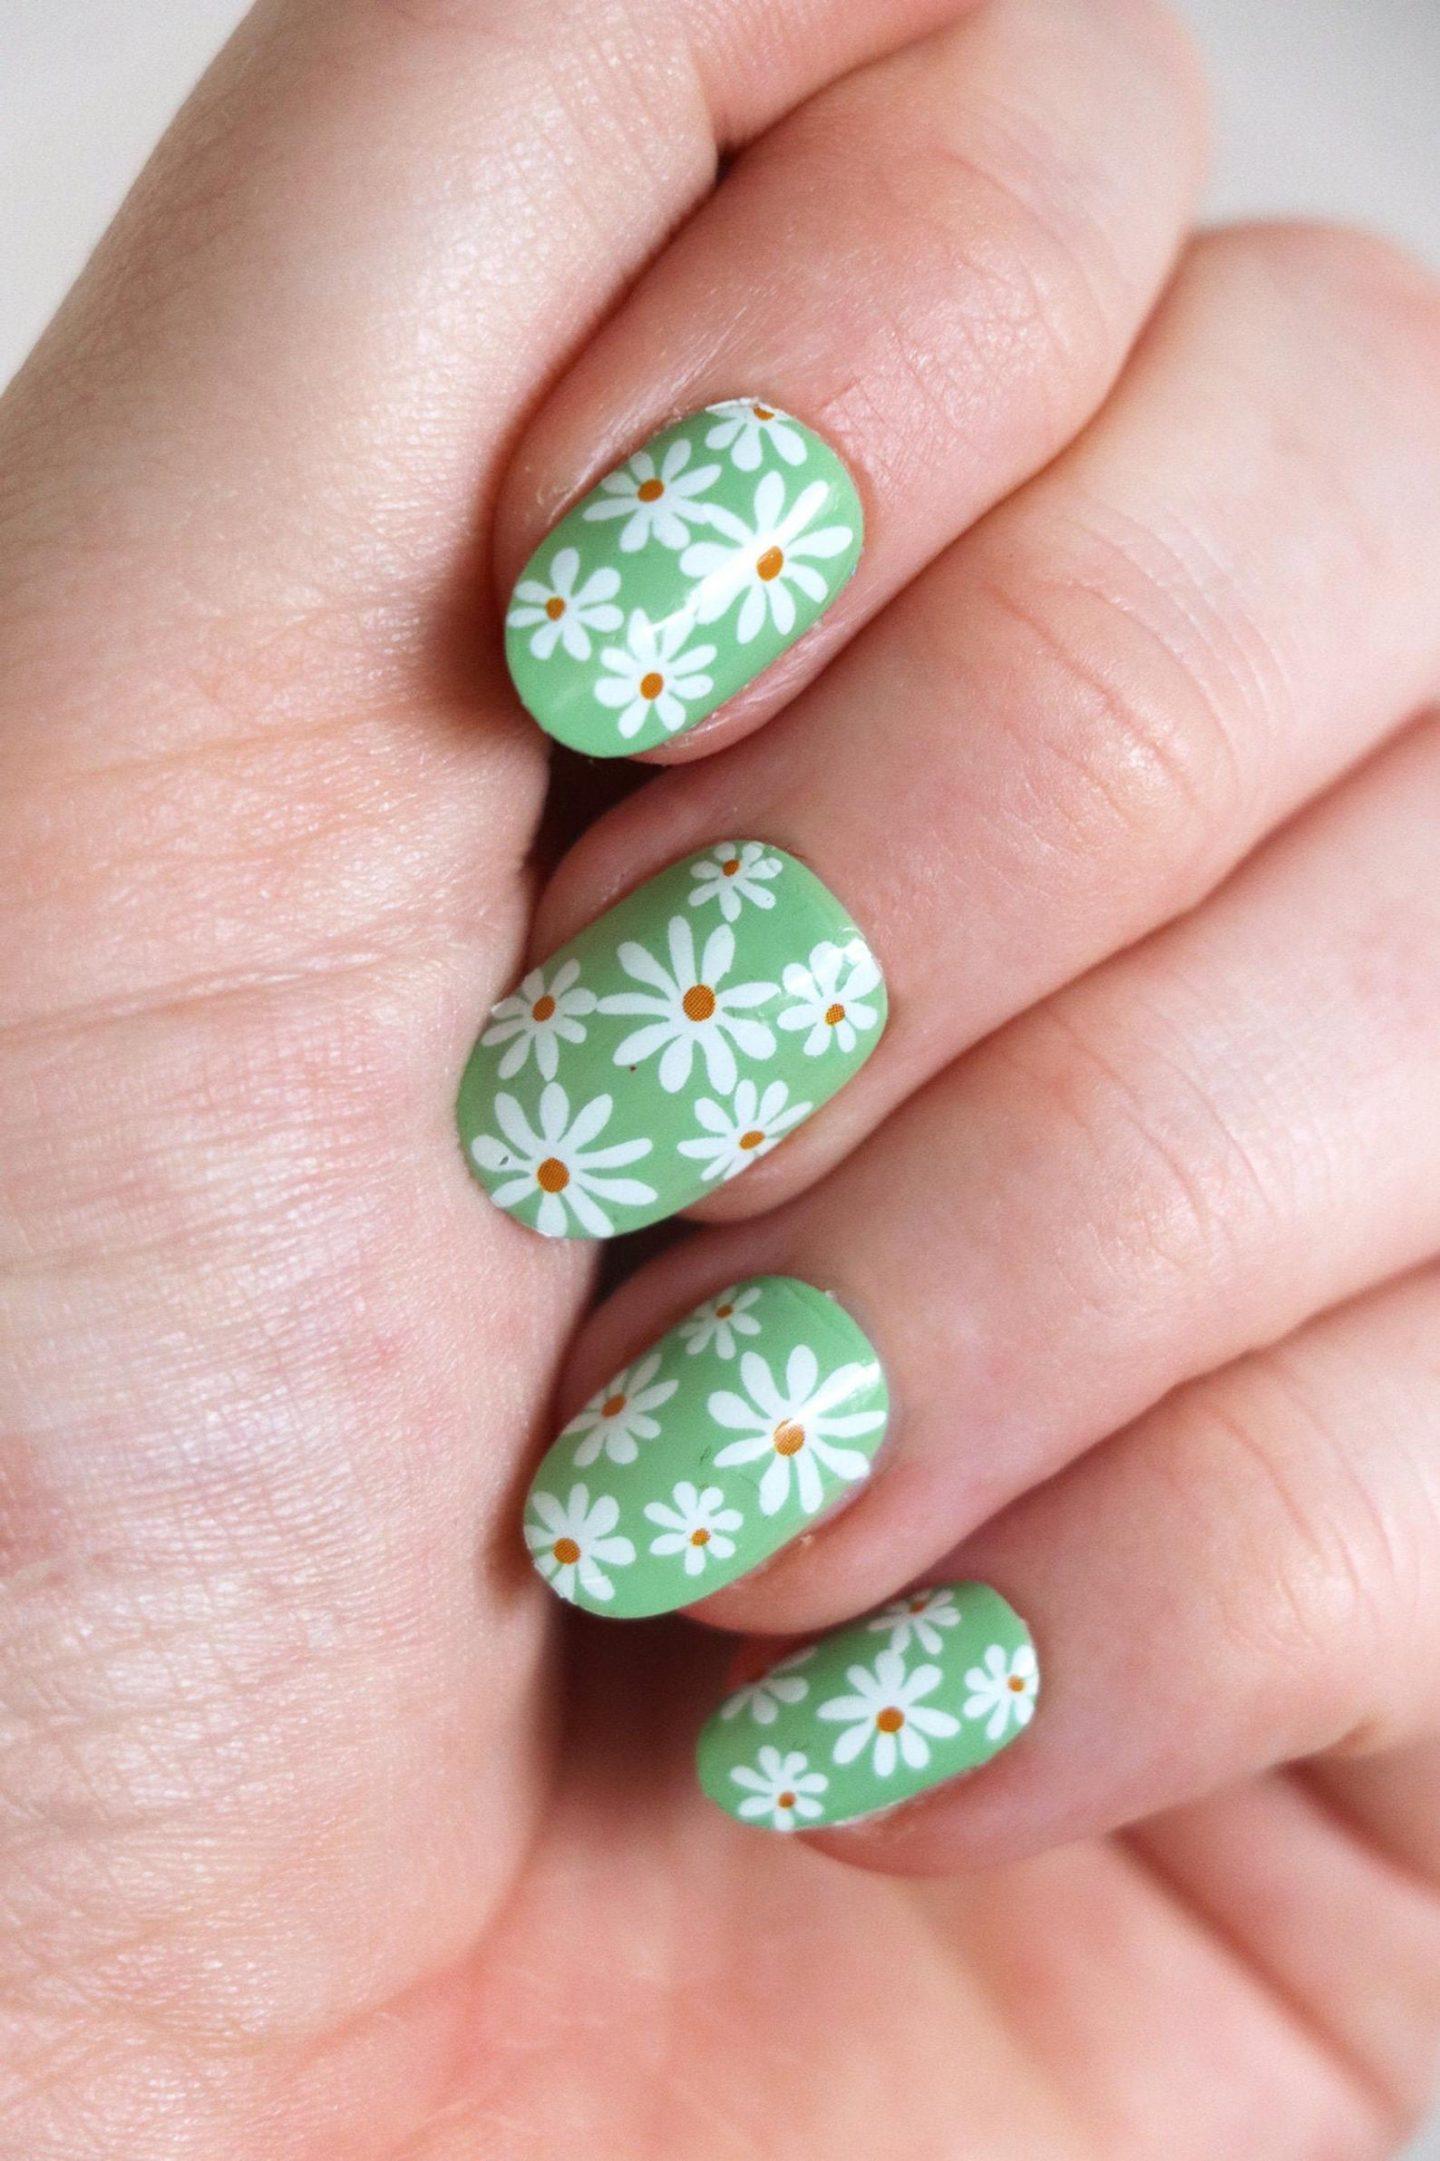 Green Daisy nails